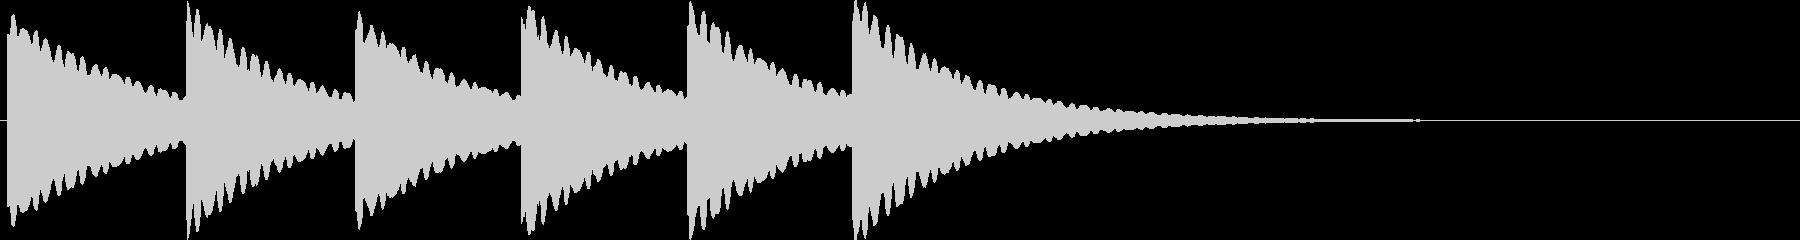 古時計(ホラー)01の未再生の波形